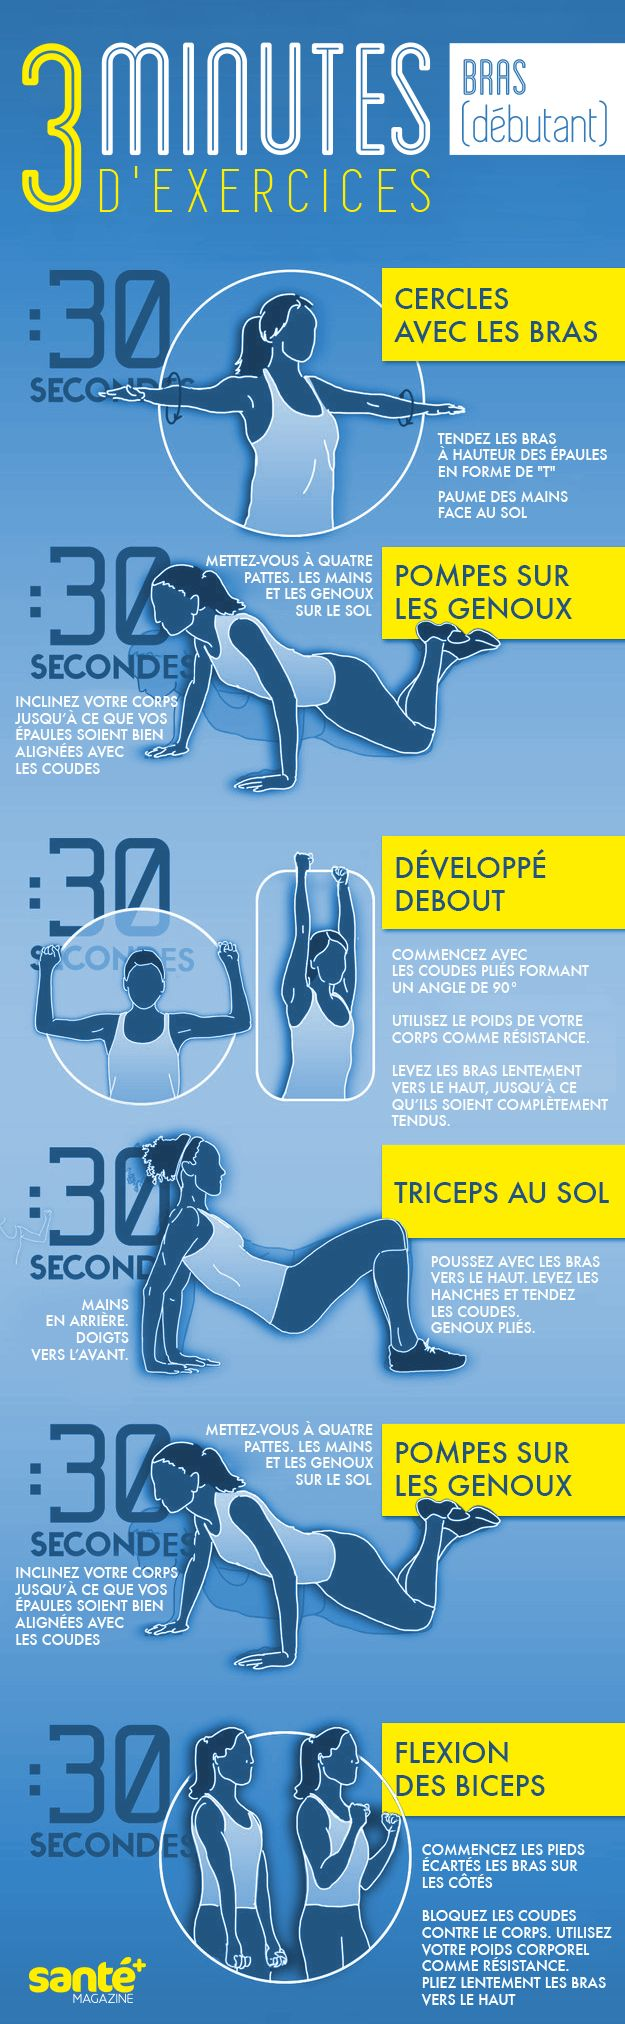 #3minutes #musculation #bras #workout #fitness #sport #forme #santé